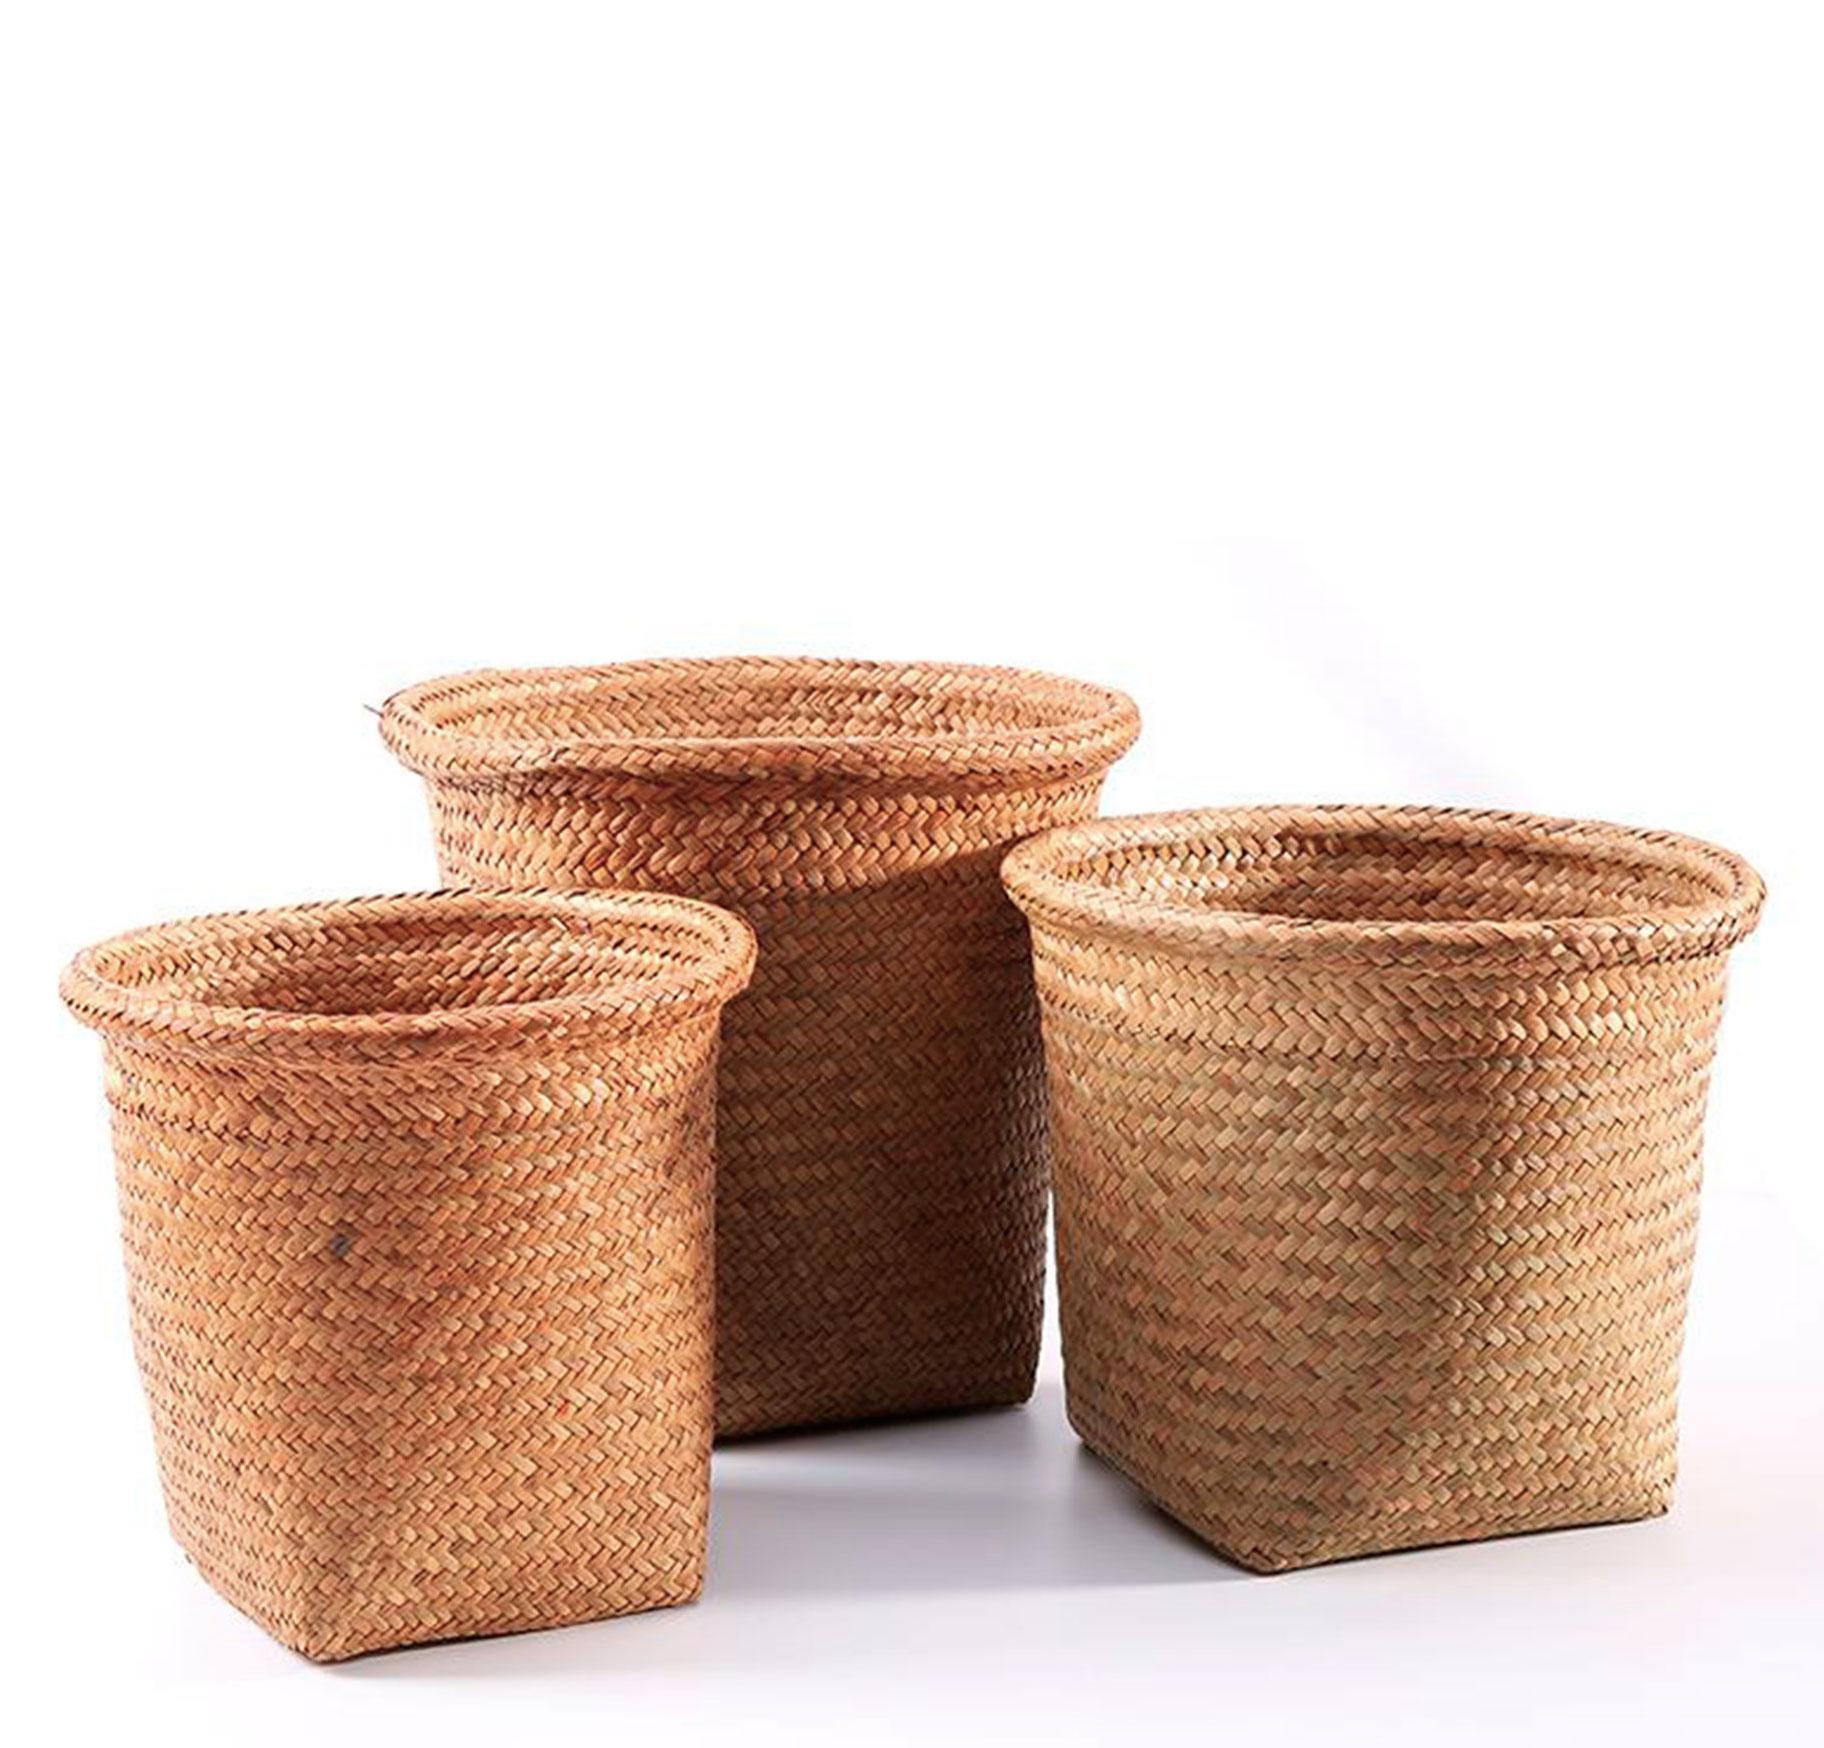 conjuntos-de-cestas-para-plantas-apcas